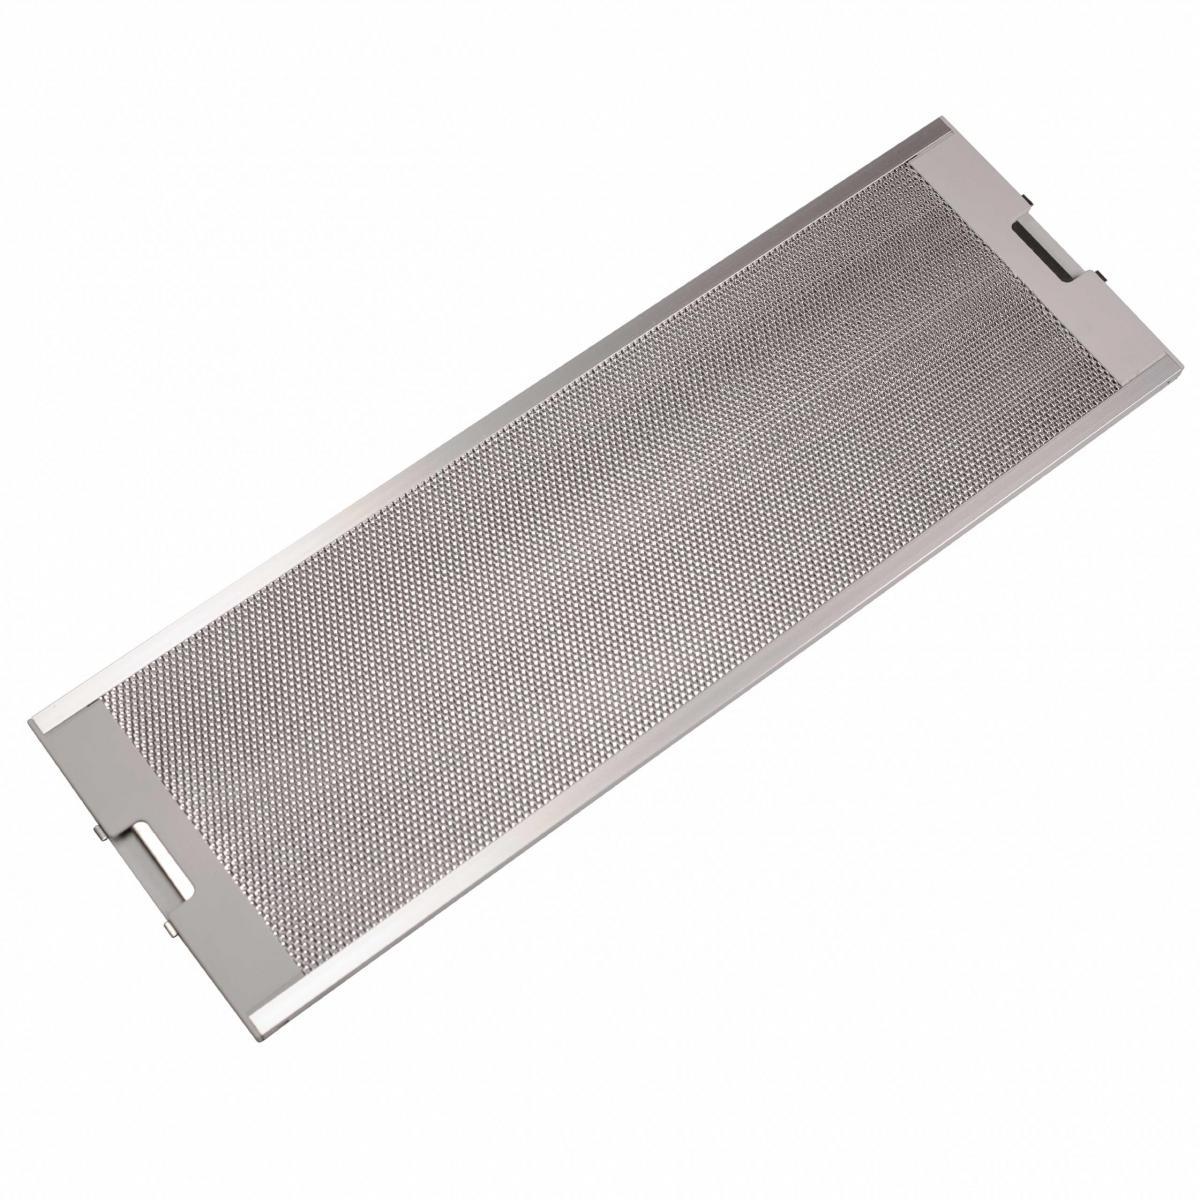 Vhbw vhbw Filtre Permanent Filtre à Graisse Métallique compatible avec Imperial DMA 64/4 EL/NL, DMA 64/4 EL/P, DMA 64/4 EL/UK